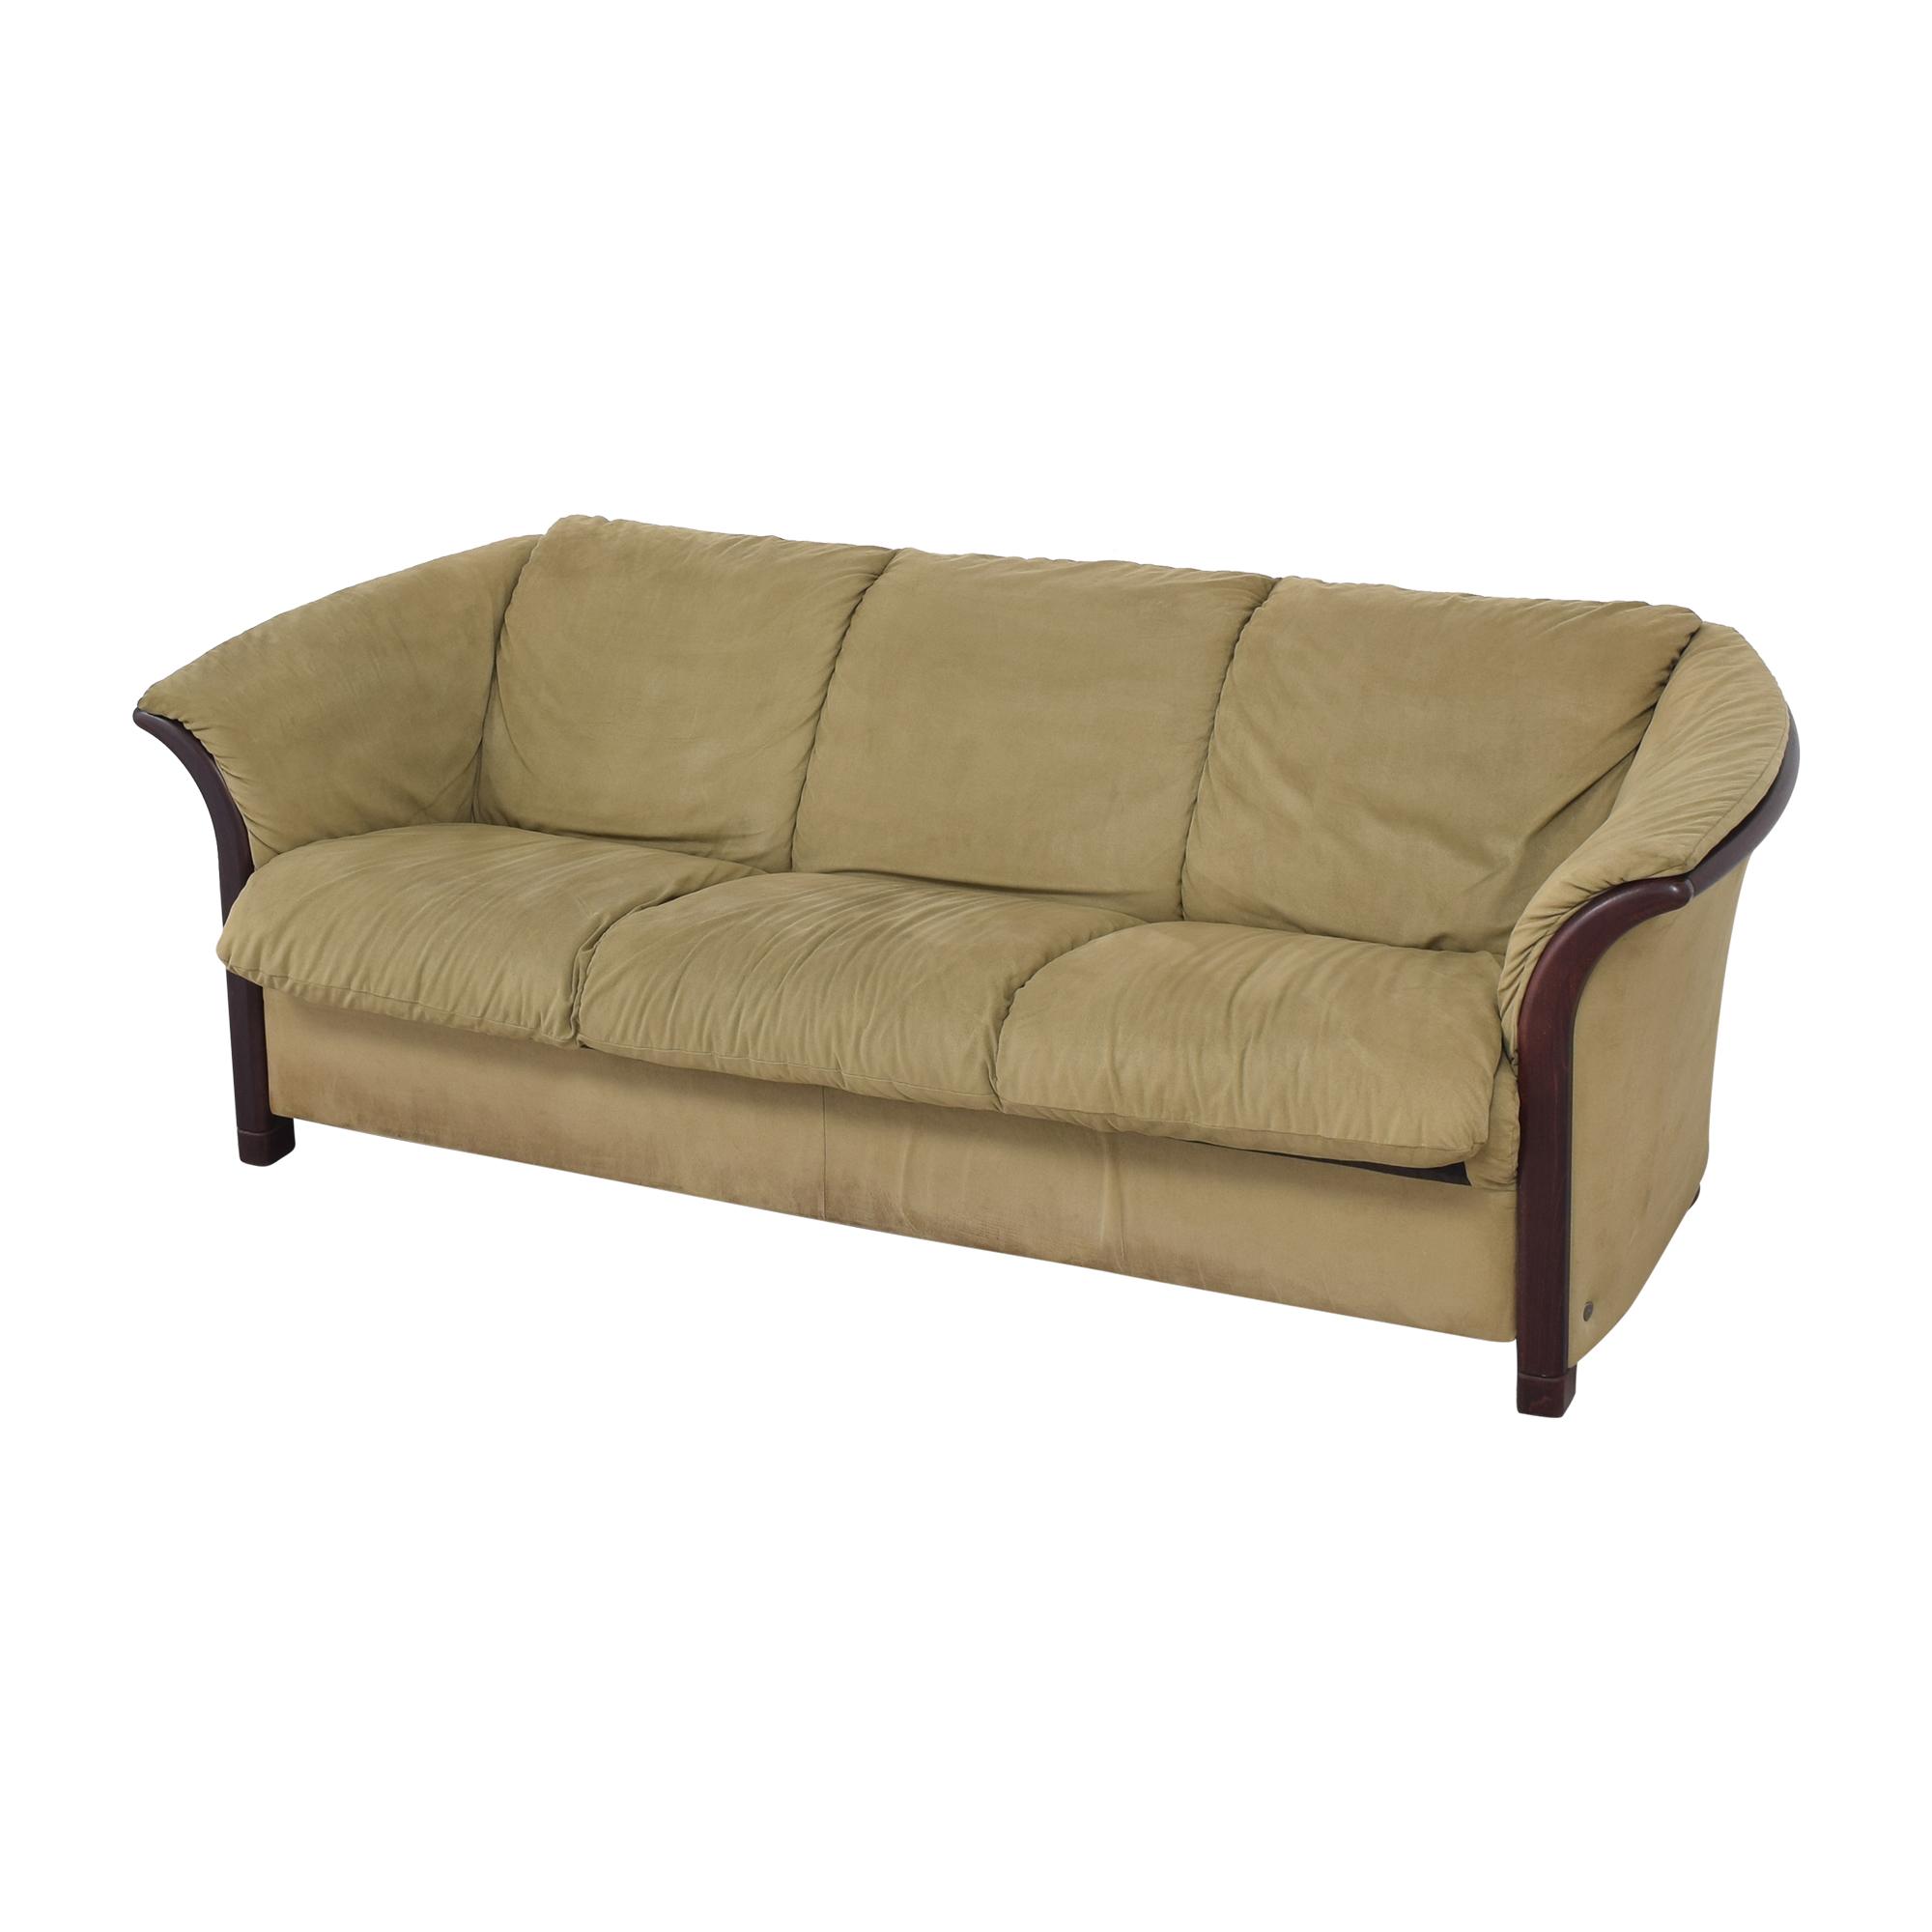 Ekornes Ekornes Manhattan Three Seat Sofa ma